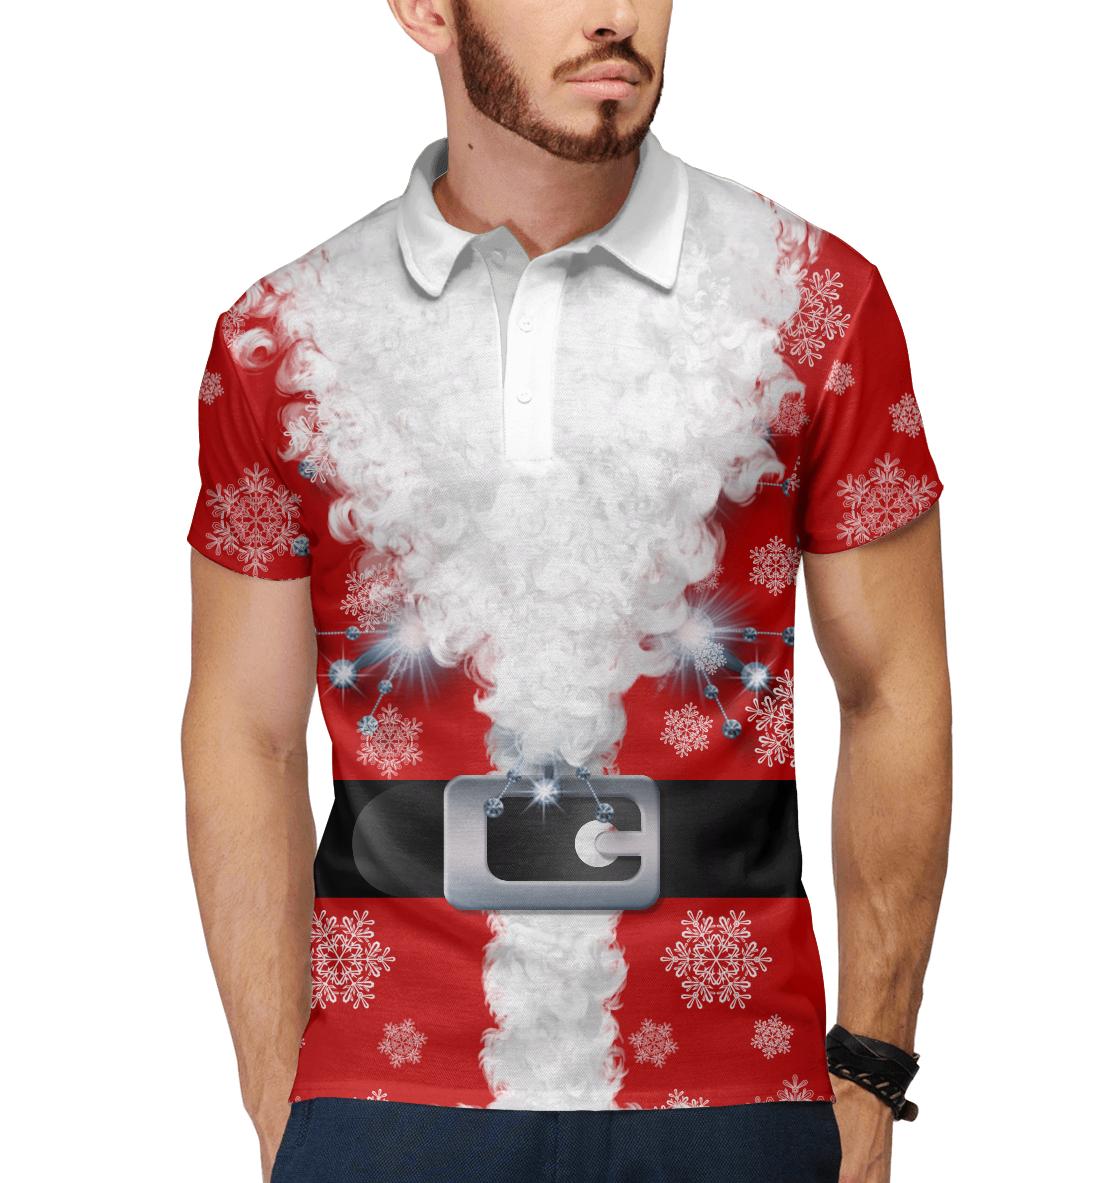 Купить Дед мороз, Printbar, Поло, CST-773312-pol-2